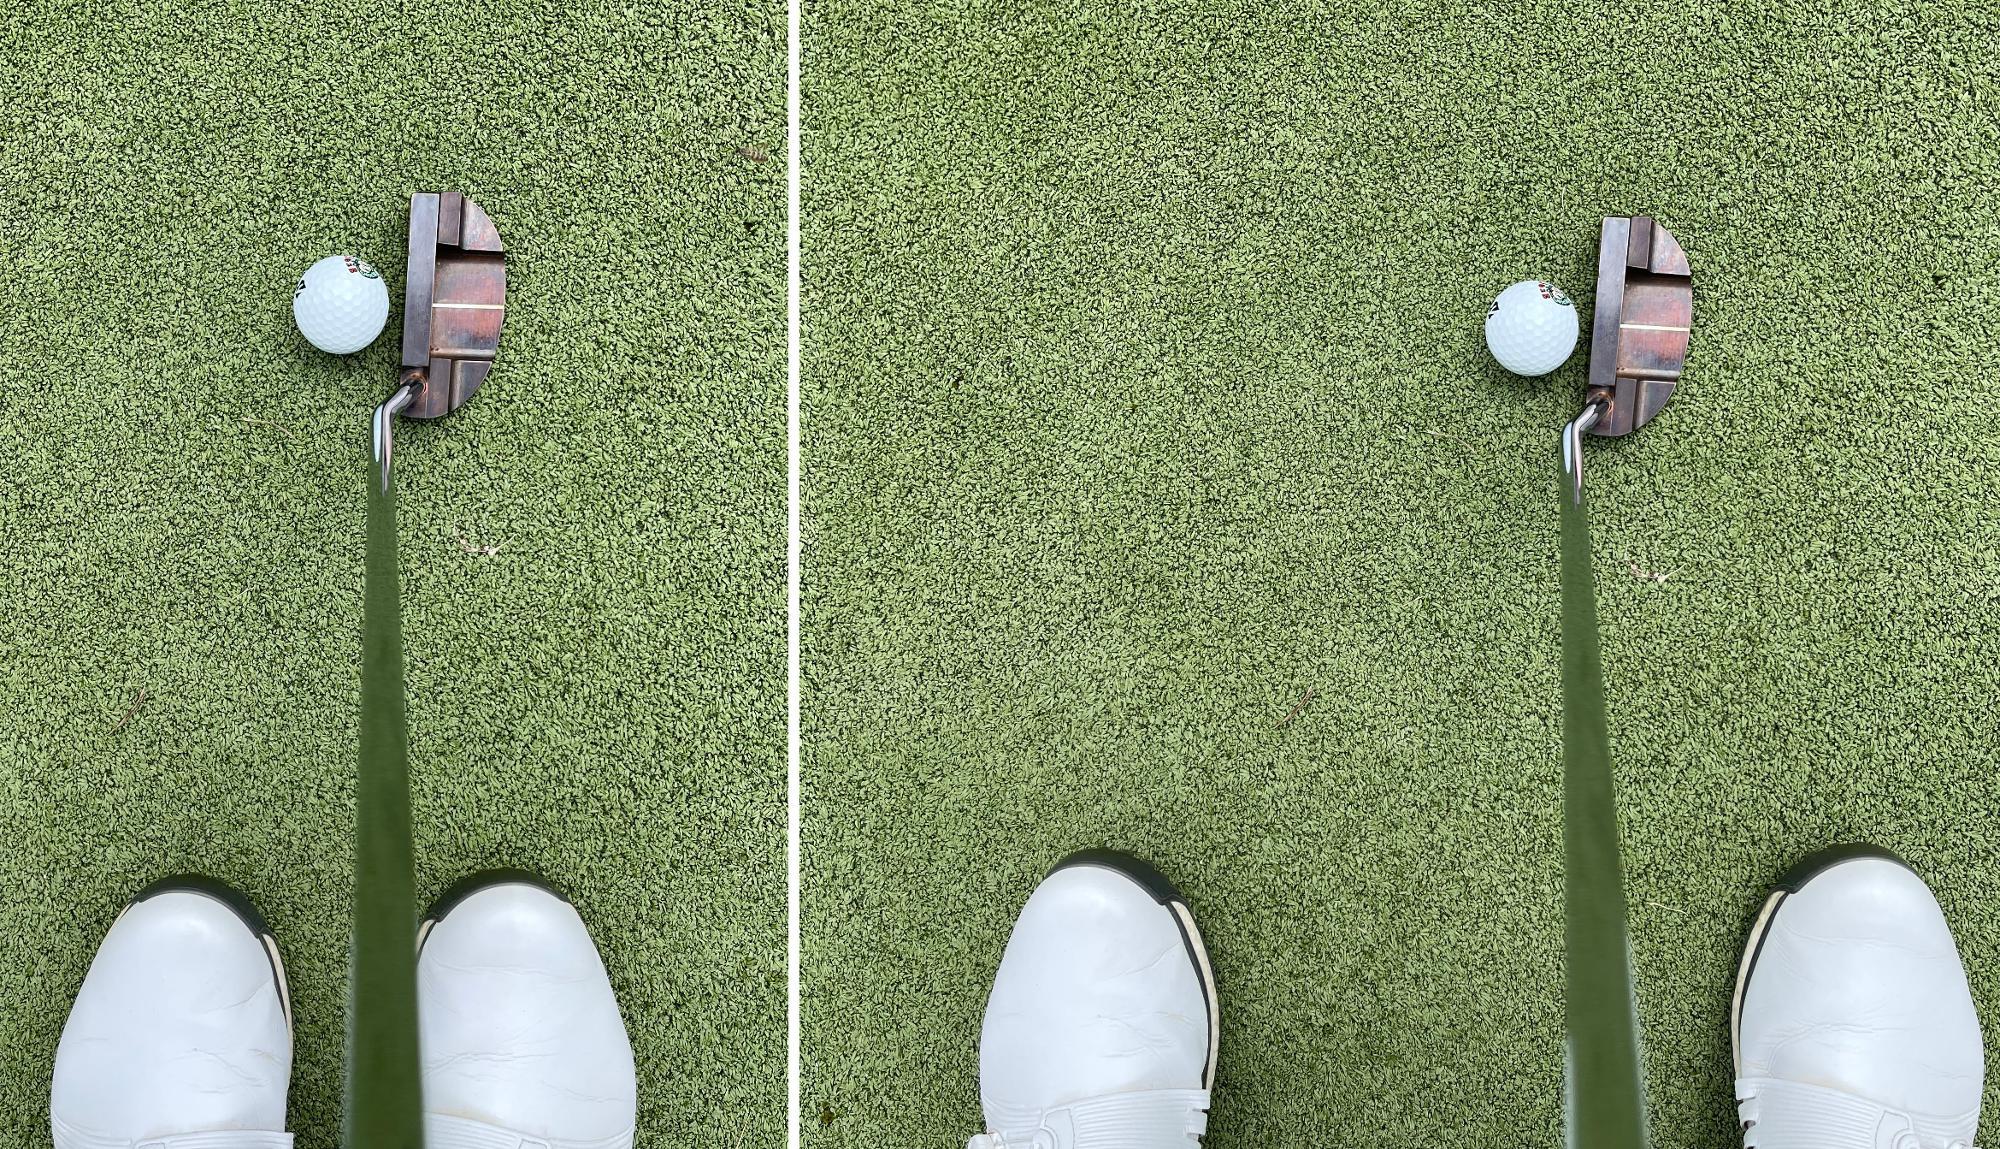 めちゃ狭いスタンスで真ん中にボールを置いてみたり、広めのスタンスでもいろんなボール位置を試したりしました。